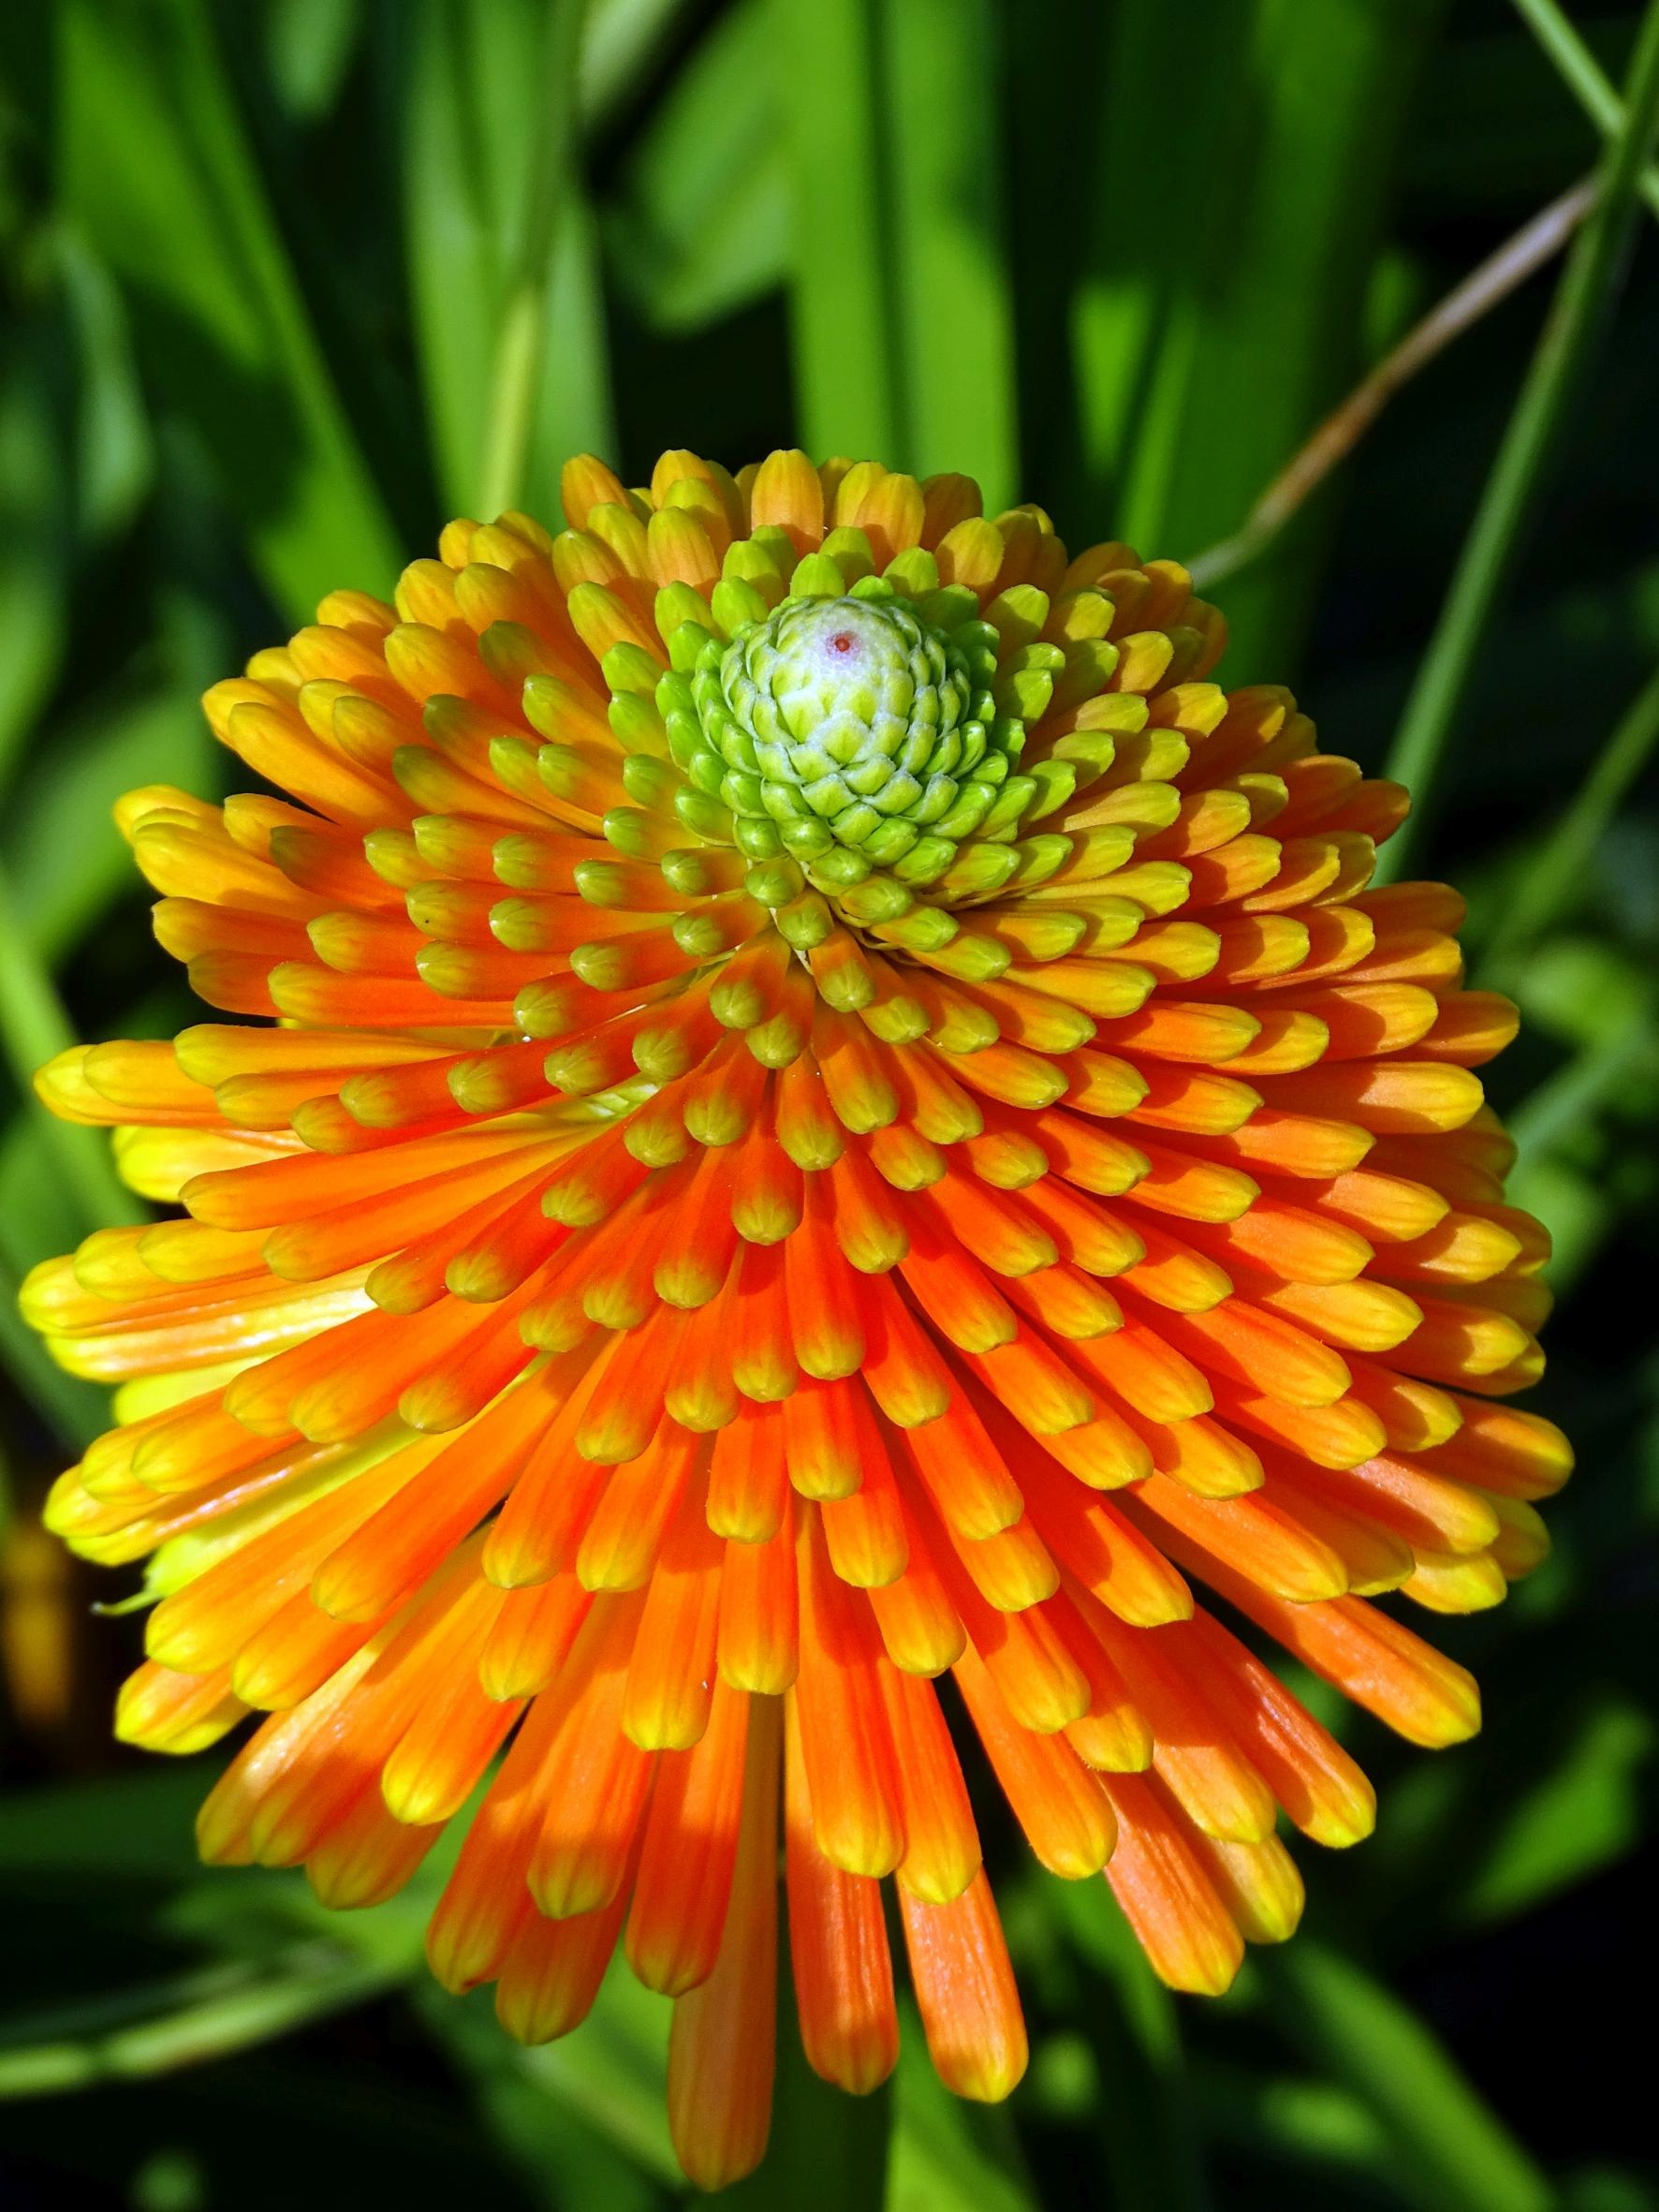 Faszinierendes Design: Können Pflanzen rechnen?